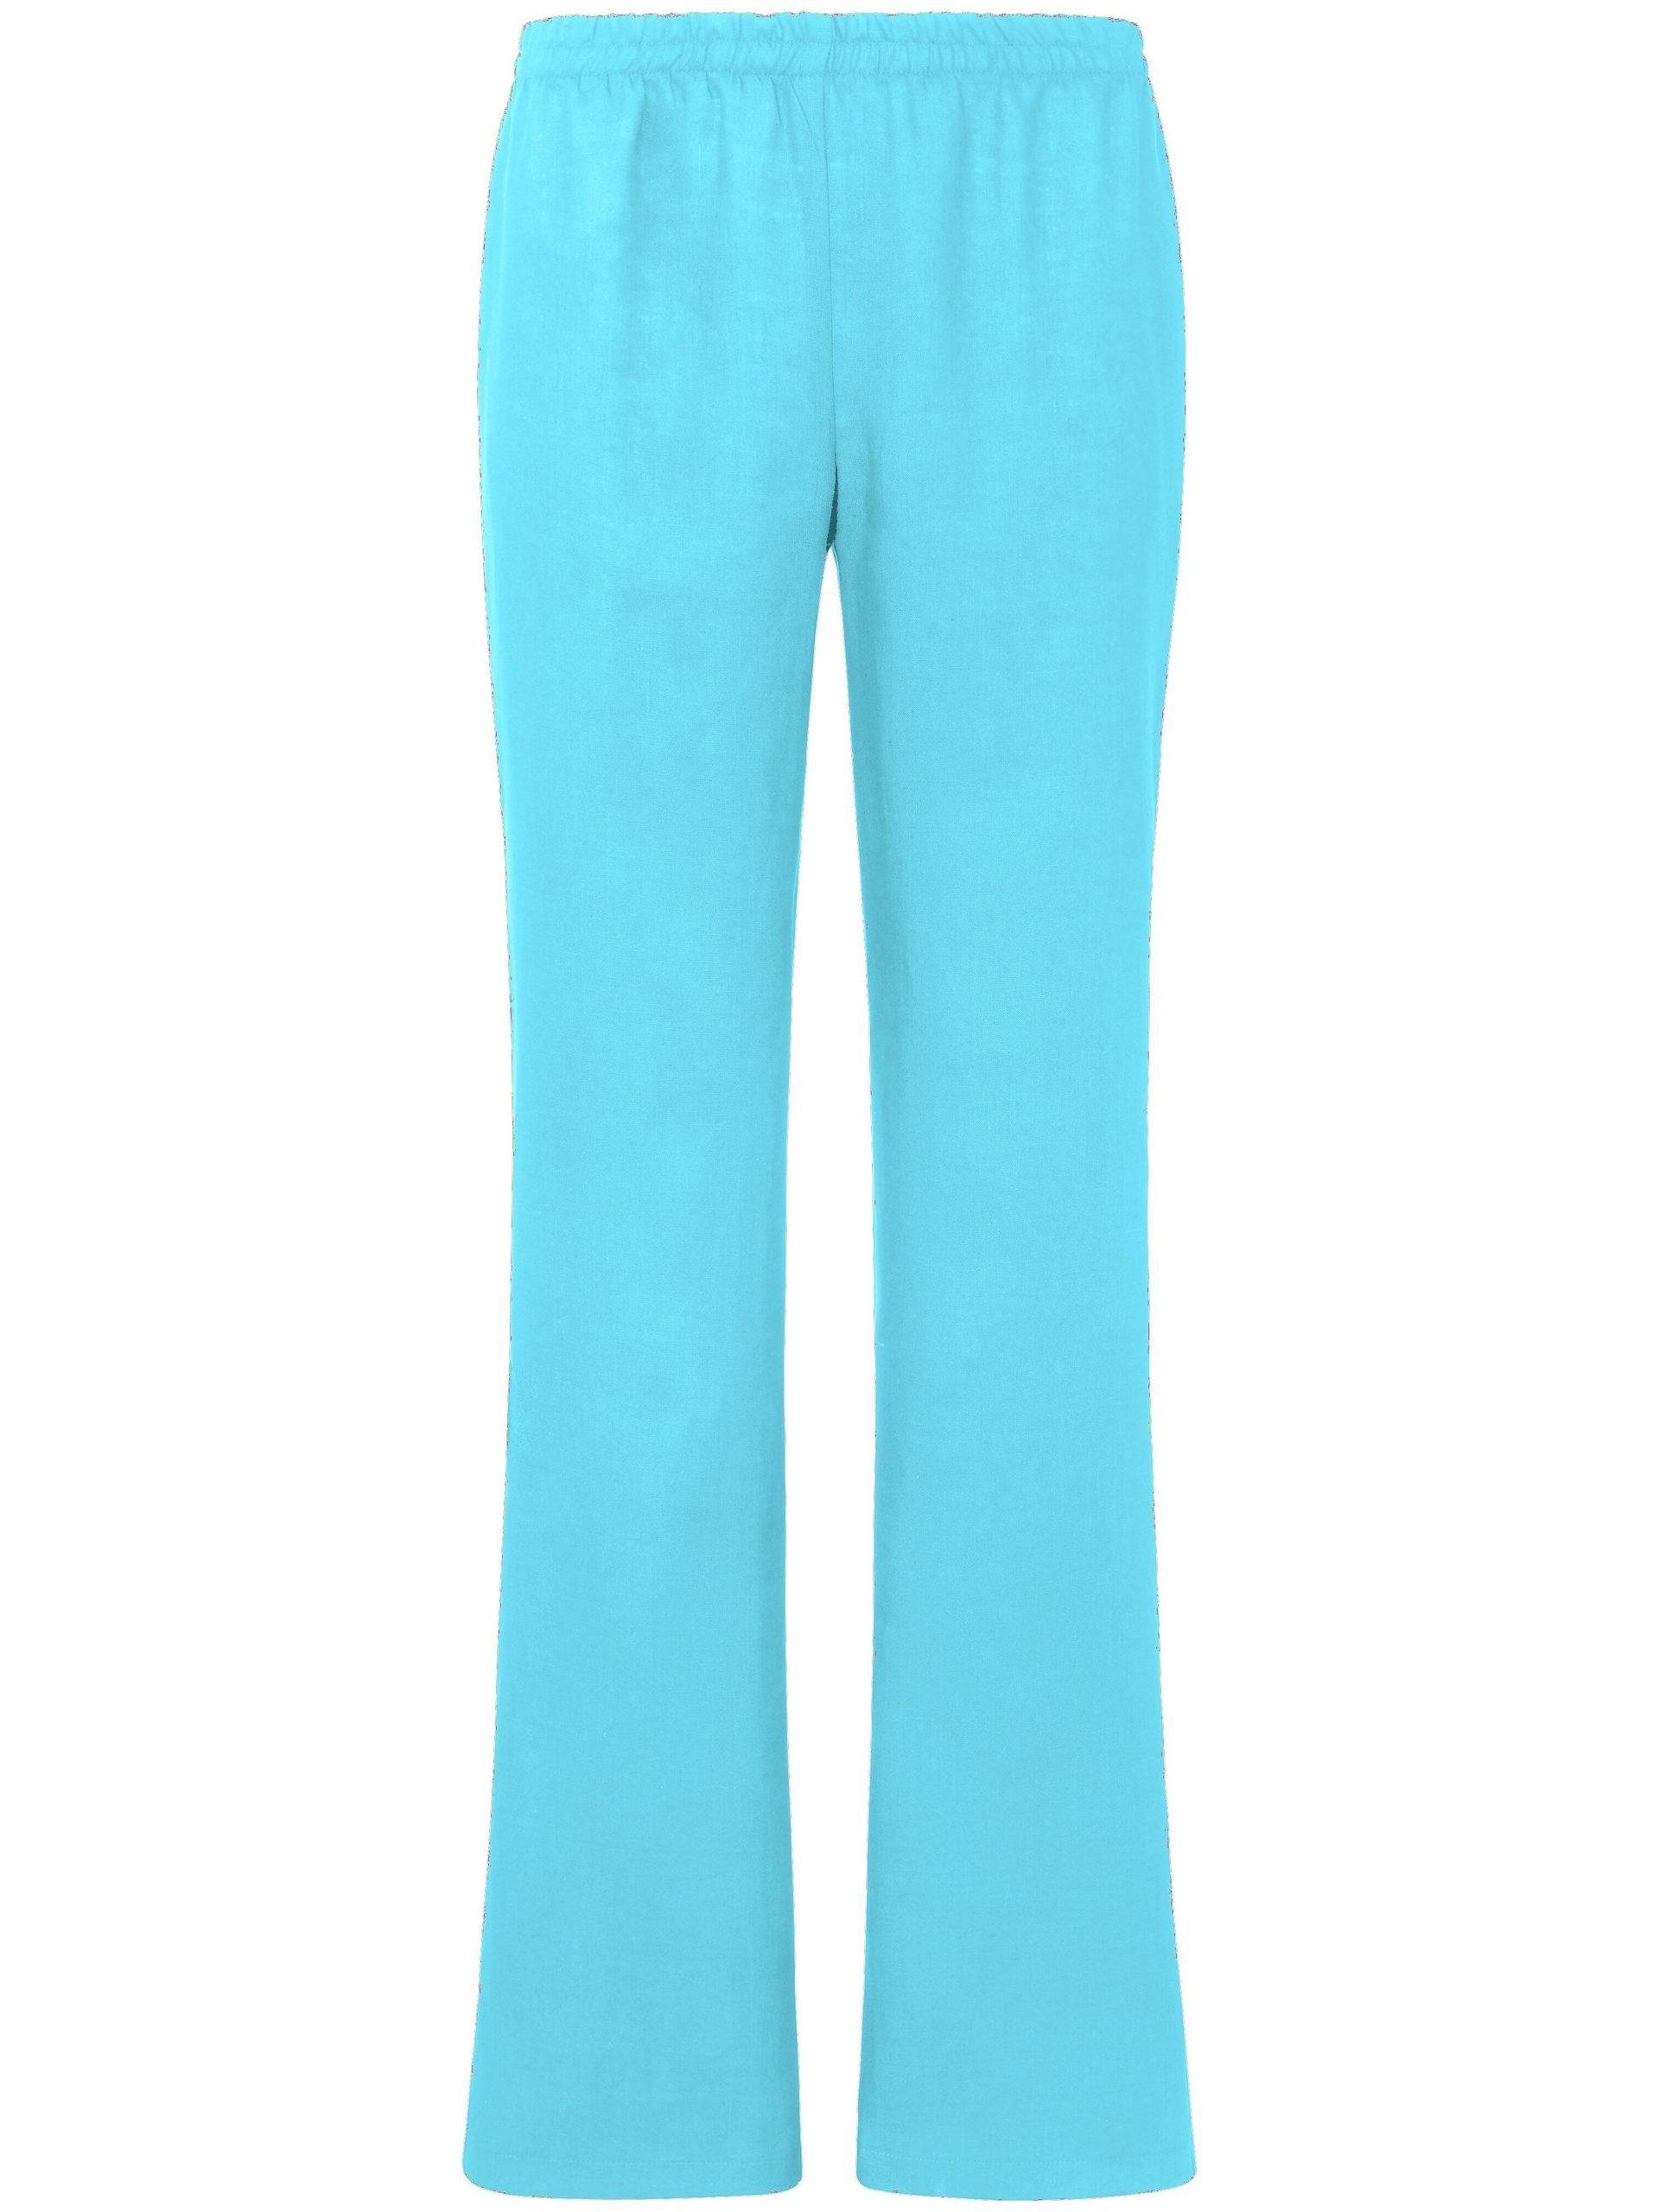 Broek van 100% linnen met rechte pijpen Van Peter Hahn blauw Kopen